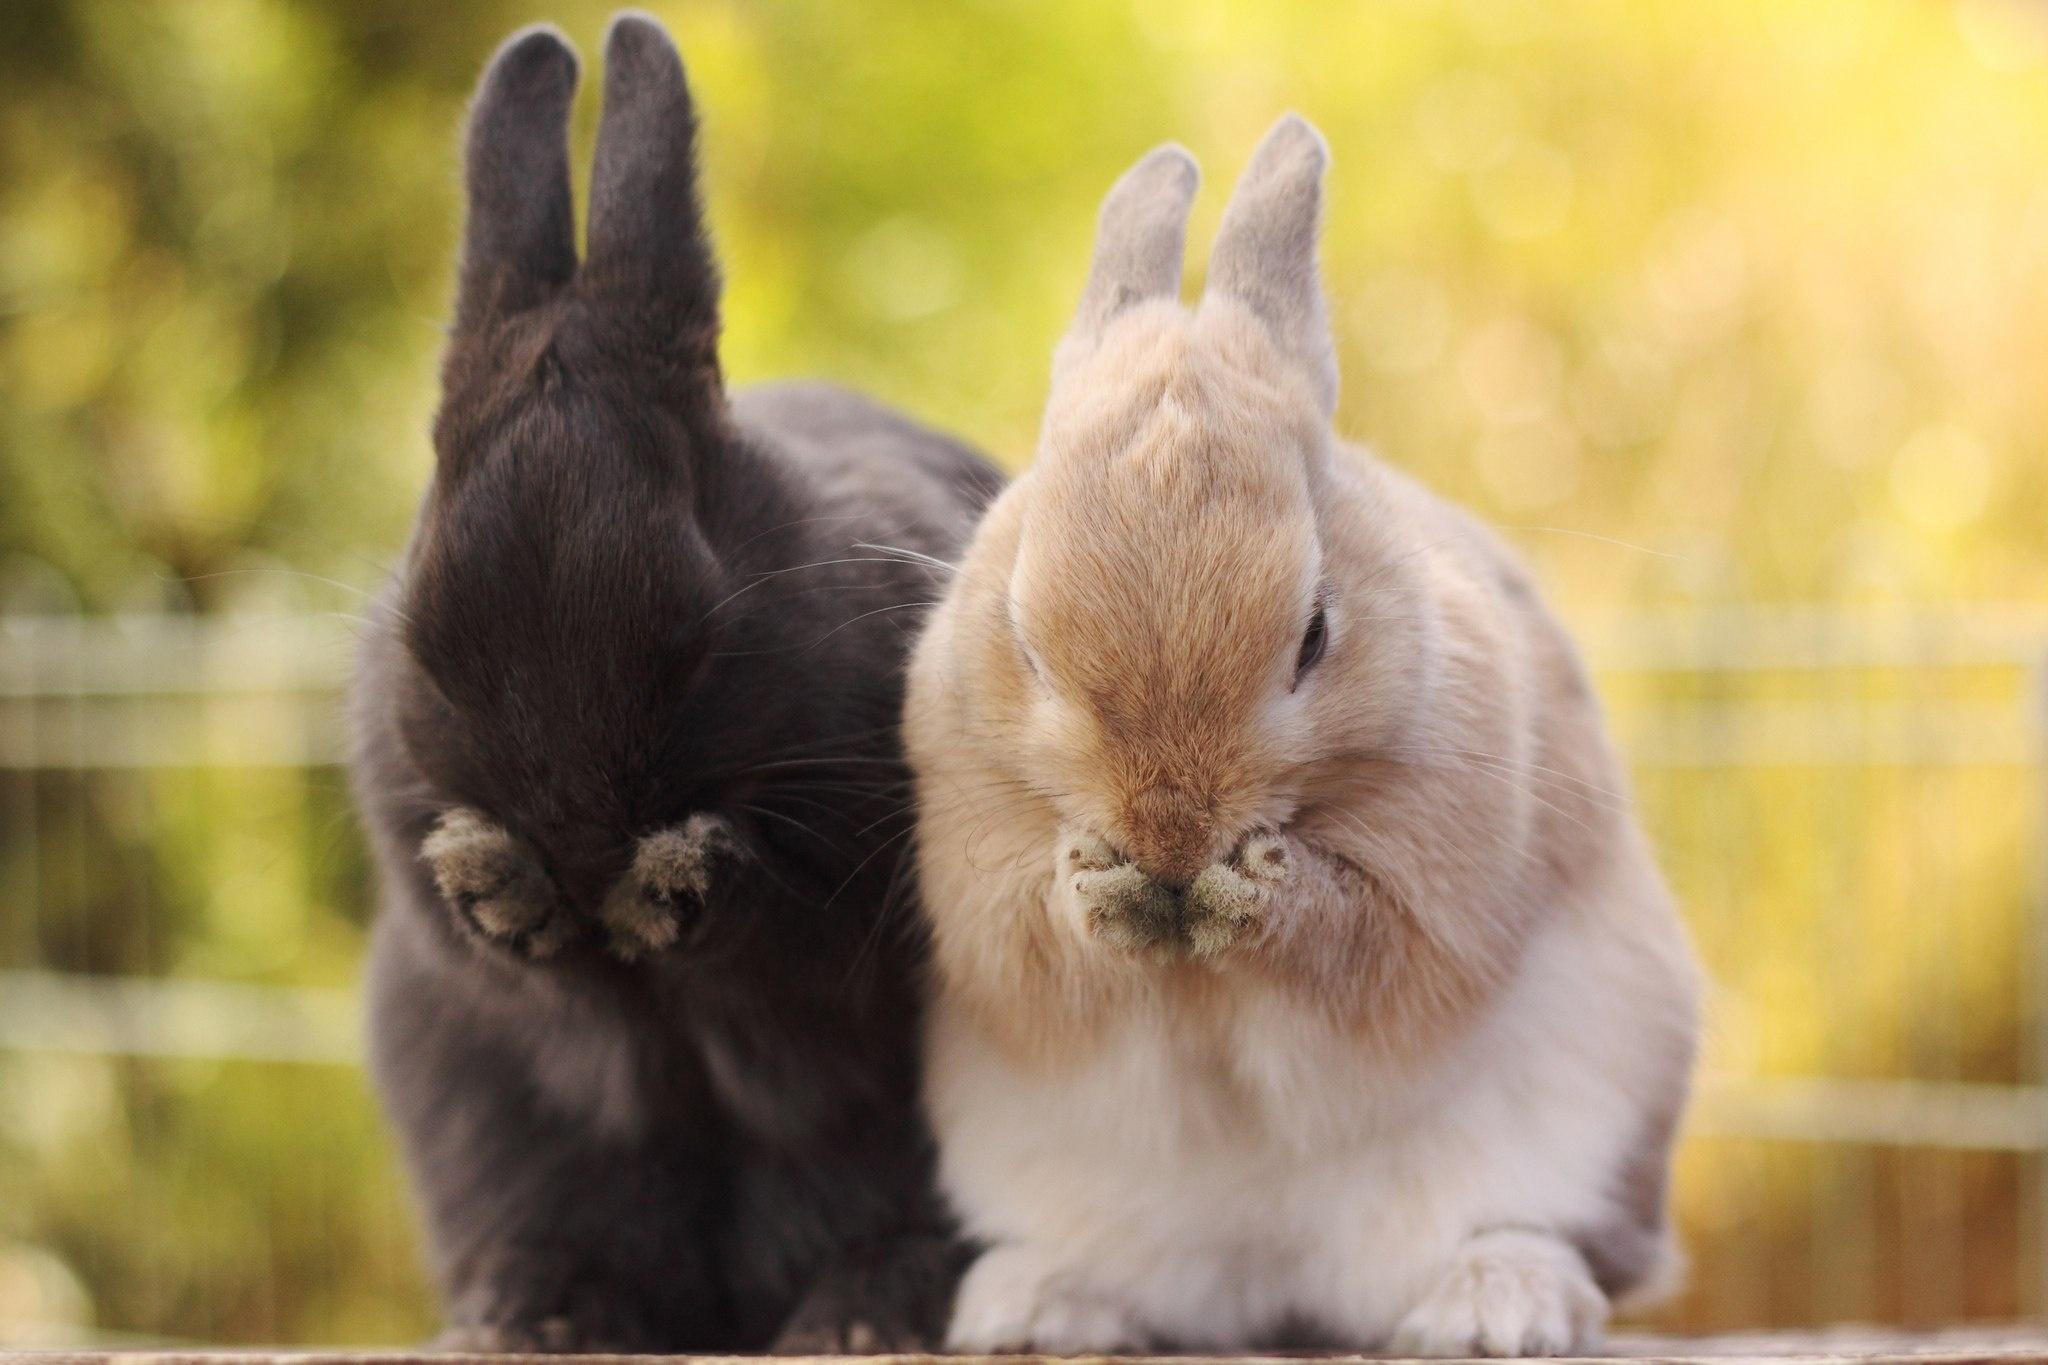 природа животное кролик  № 1593178 бесплатно